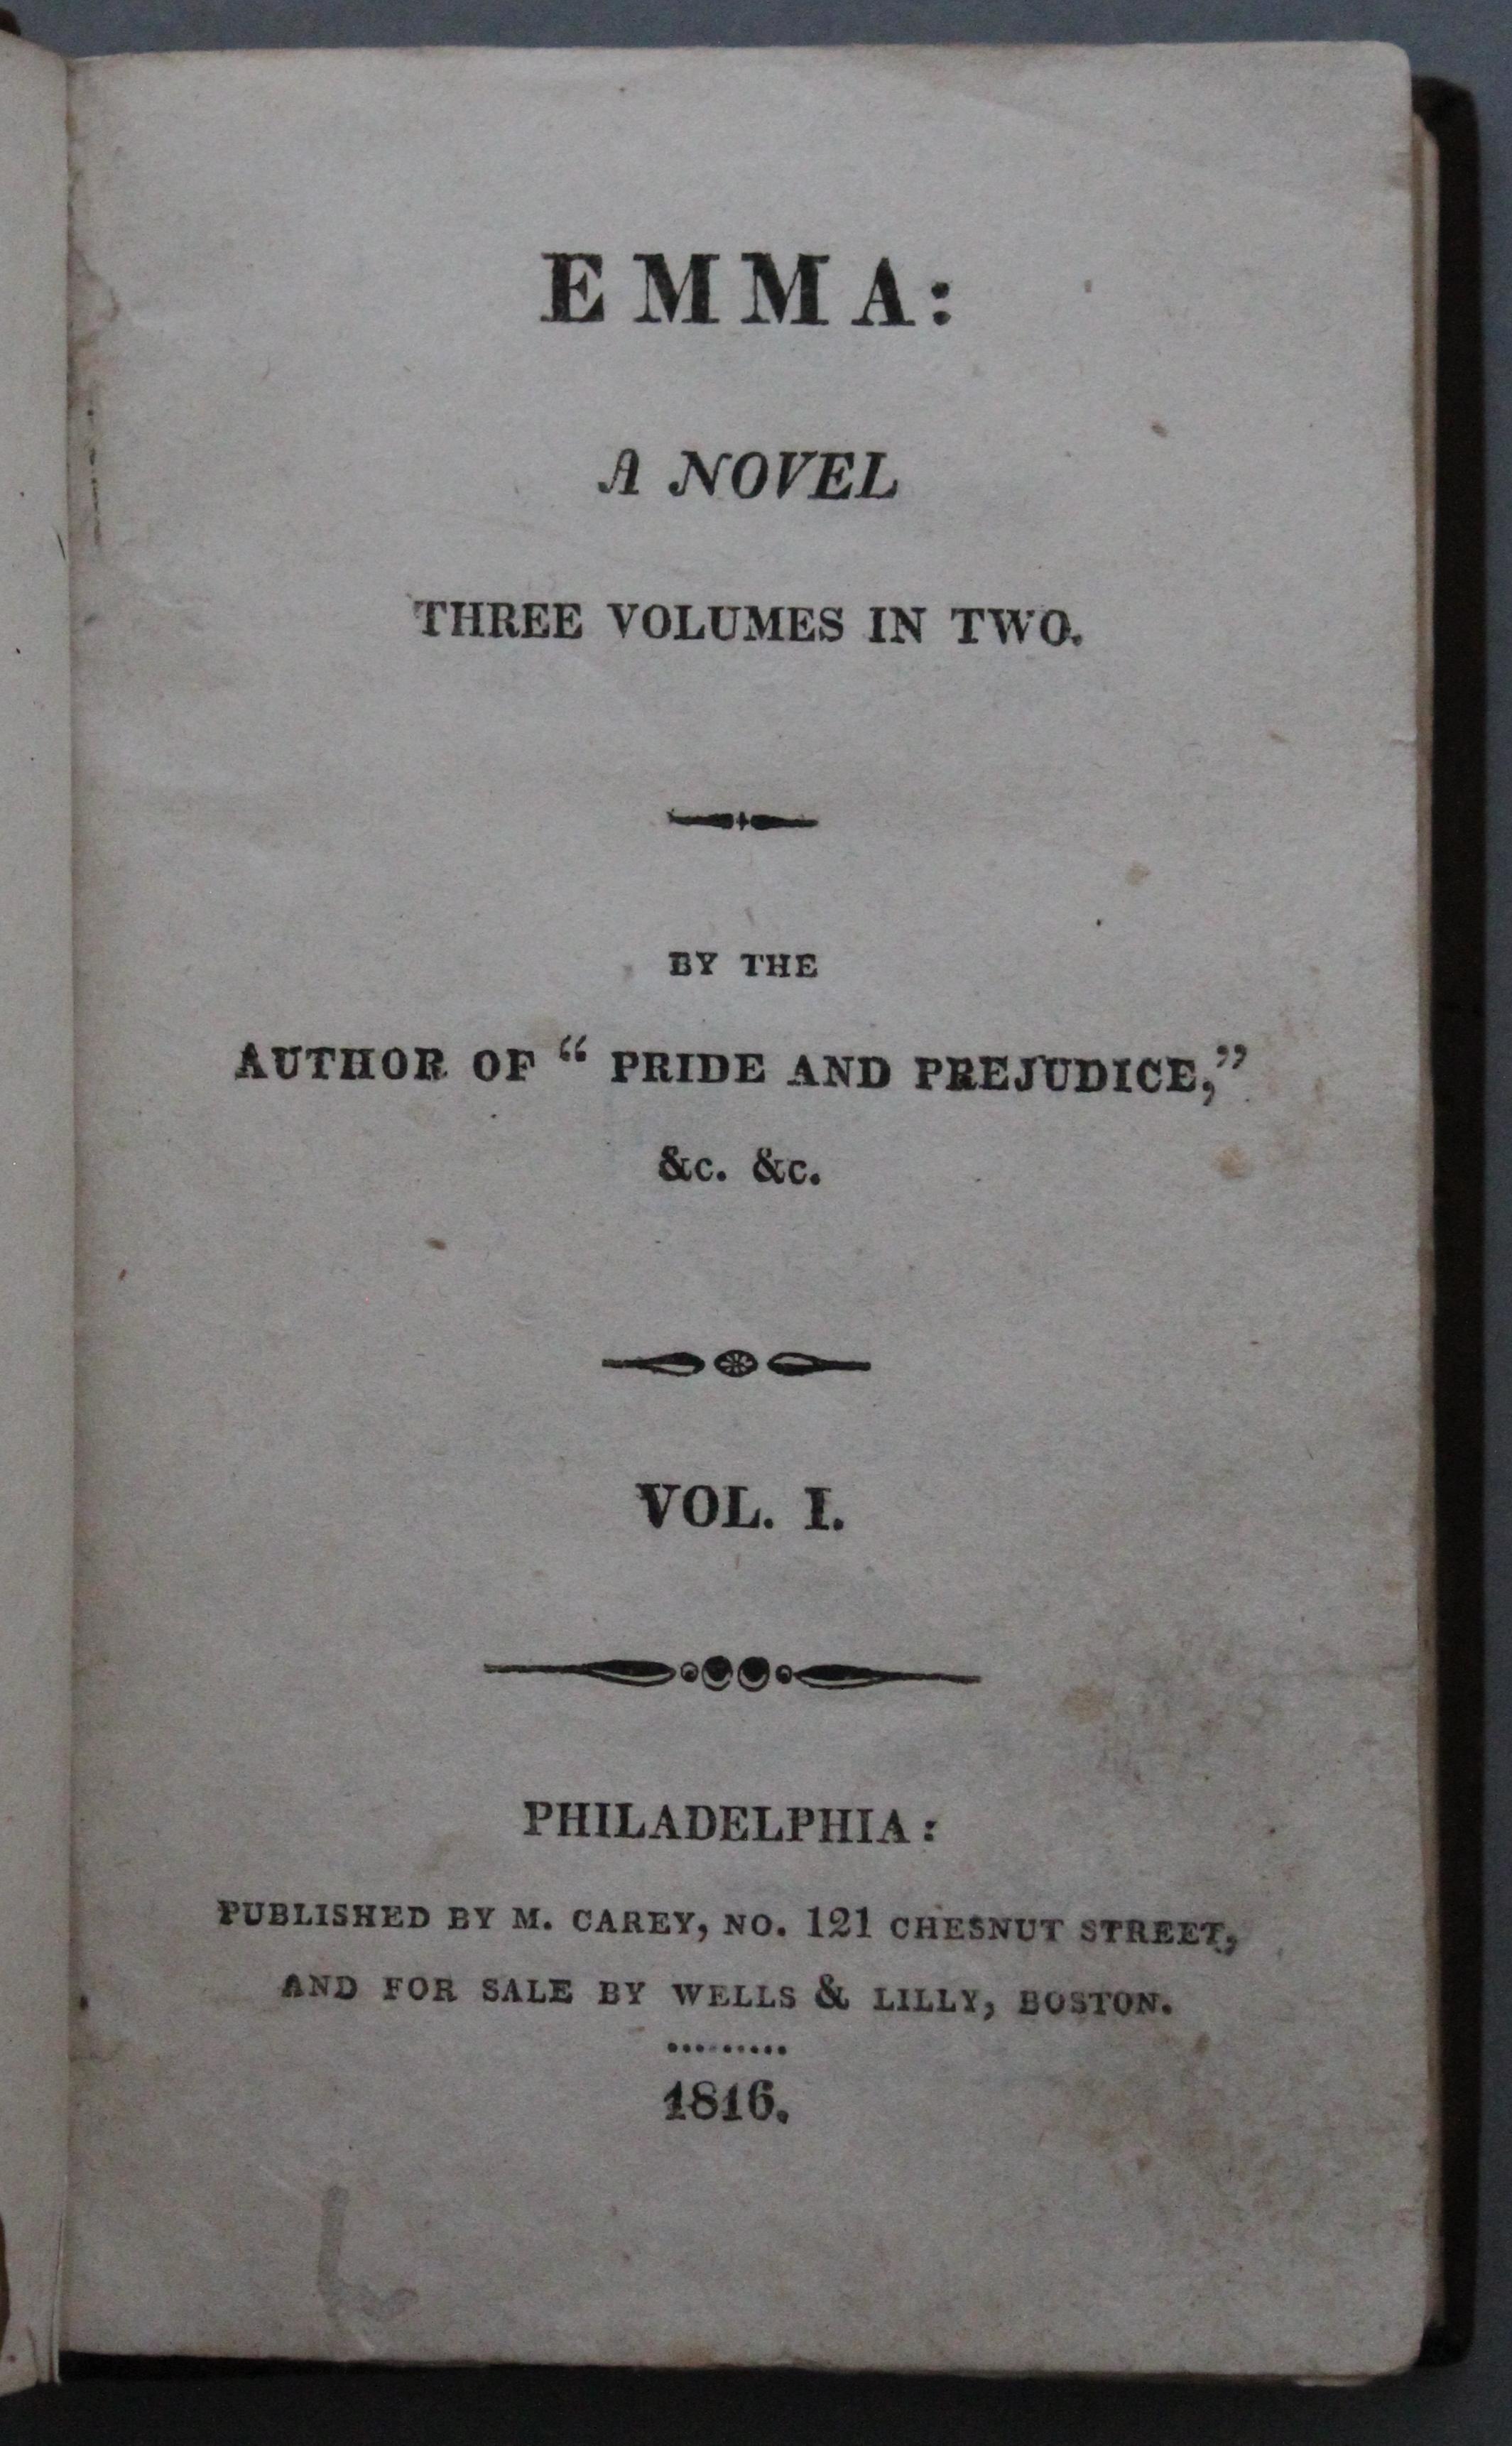 Gilson.A.Em.1816b/1 title page